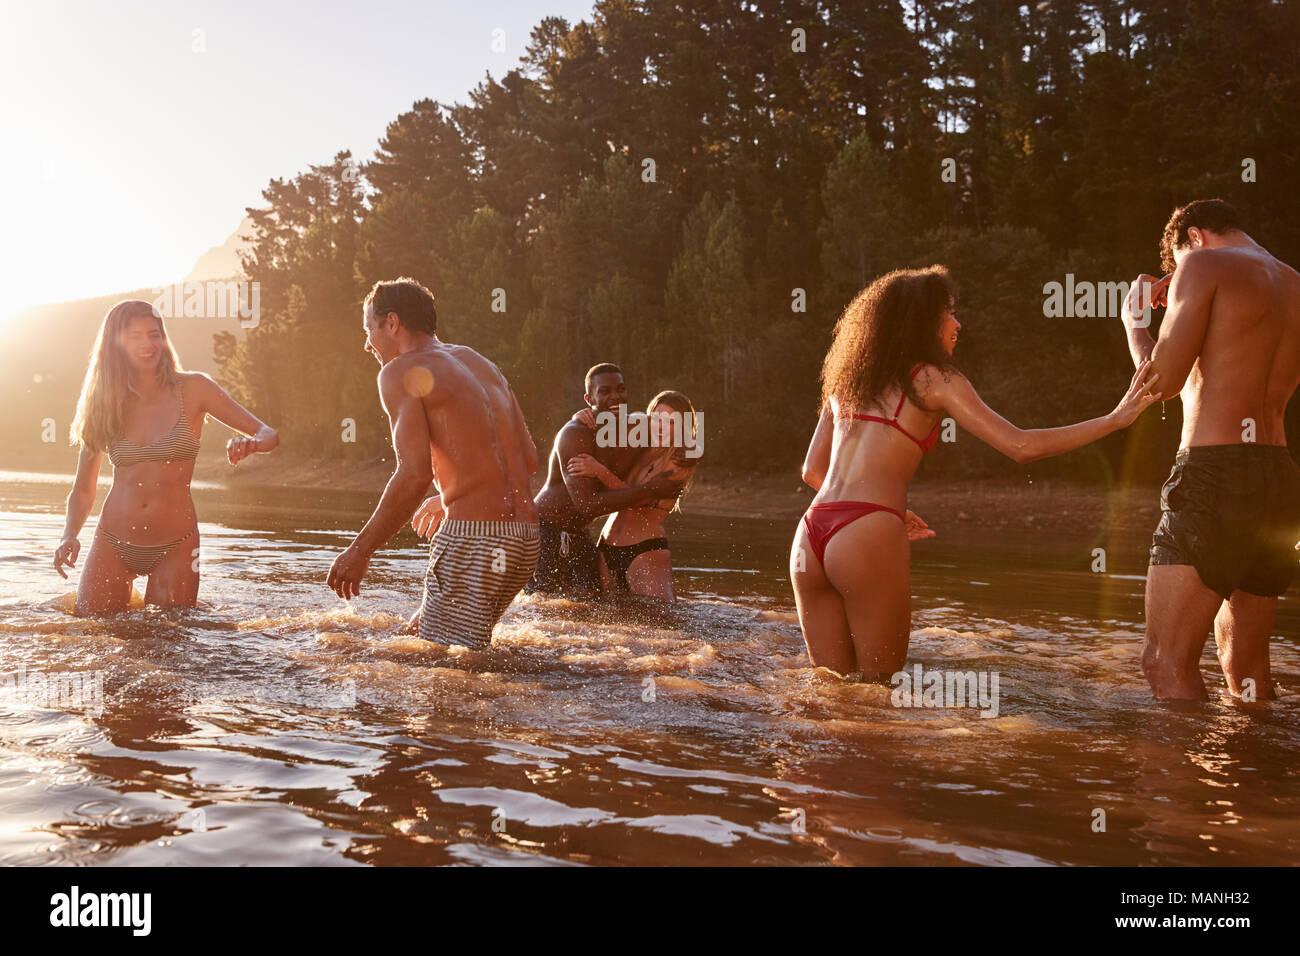 Adultos jóvenes amigos de vacaciones jugando en un lago Imagen De Stock